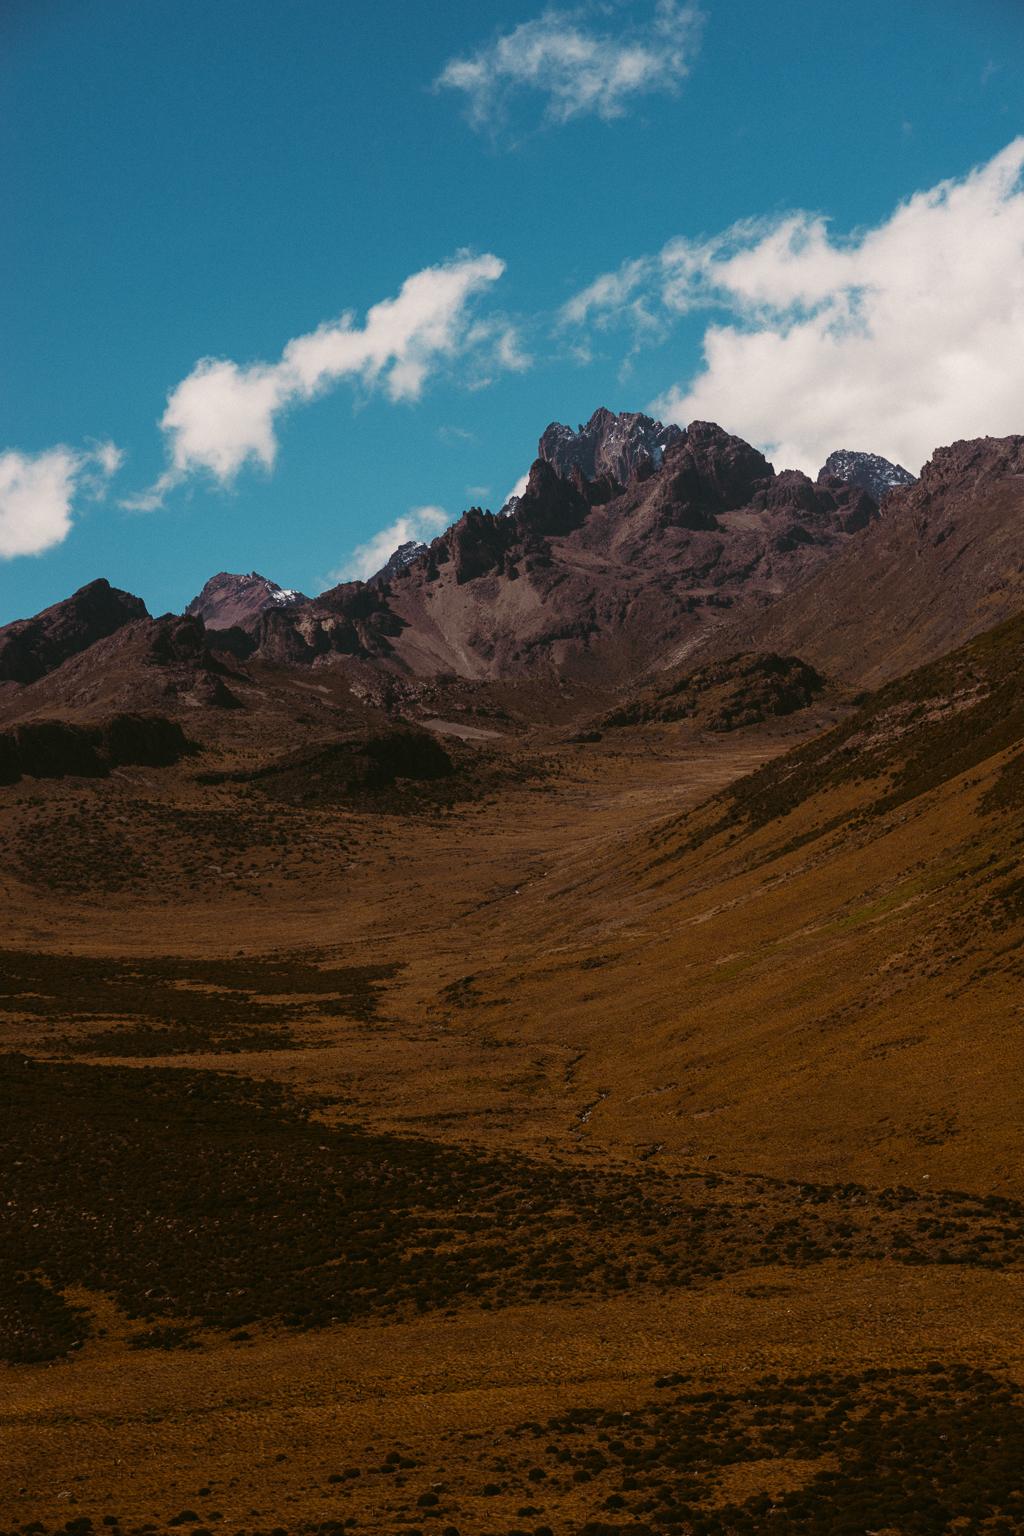 MT. KENYA 04